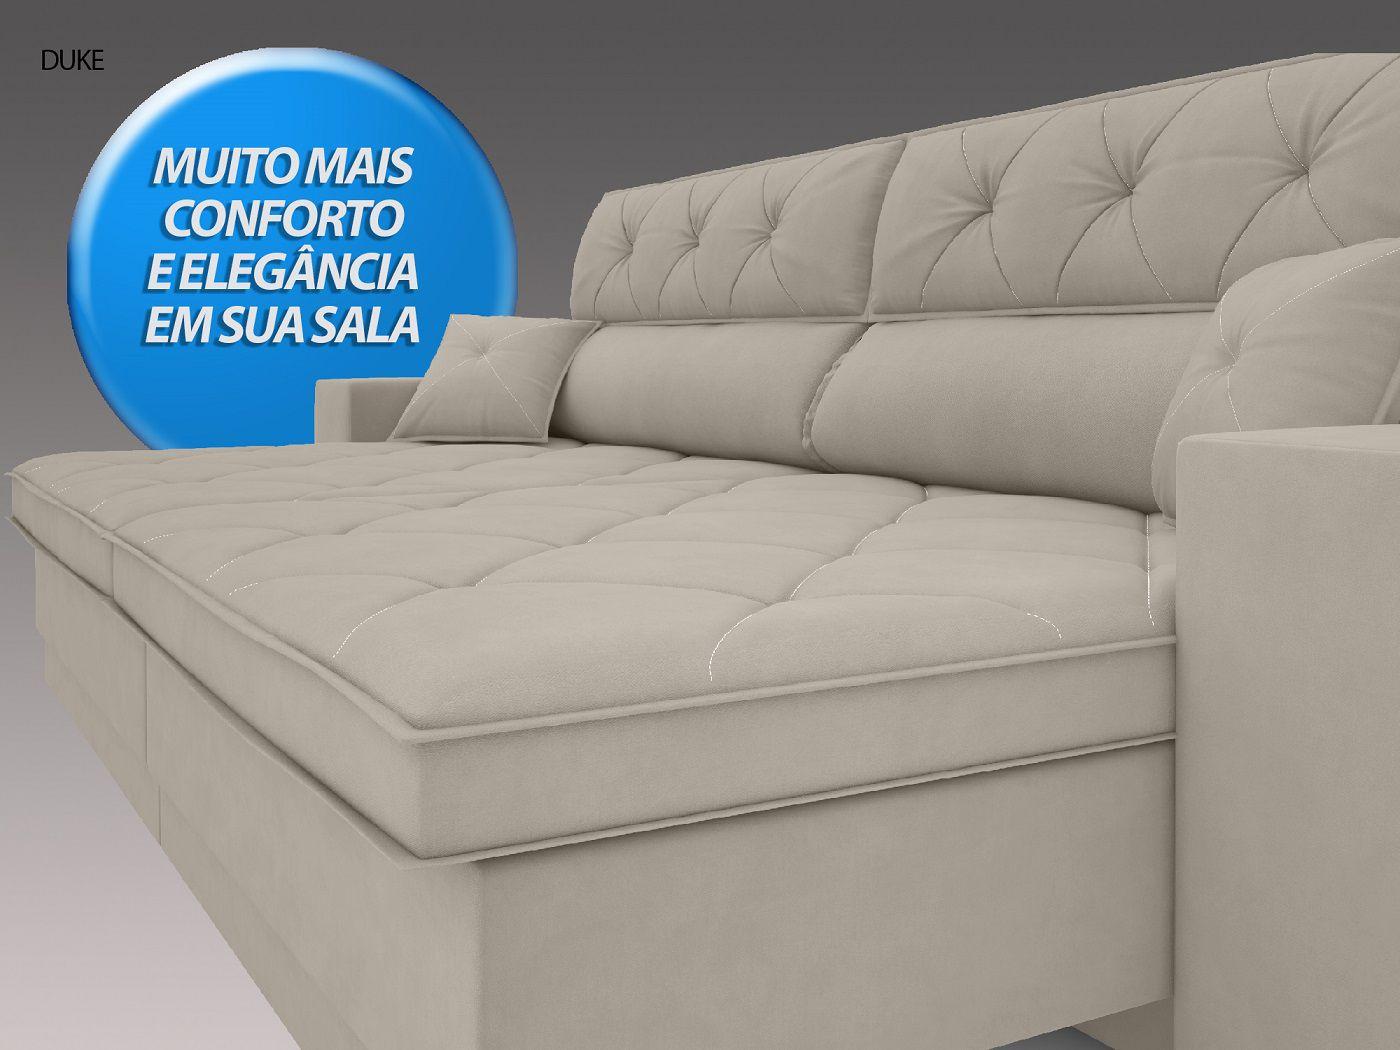 Sofá Duke 2,50m Retrátil e Reclinável Velosuede Areia - NETSOFAS